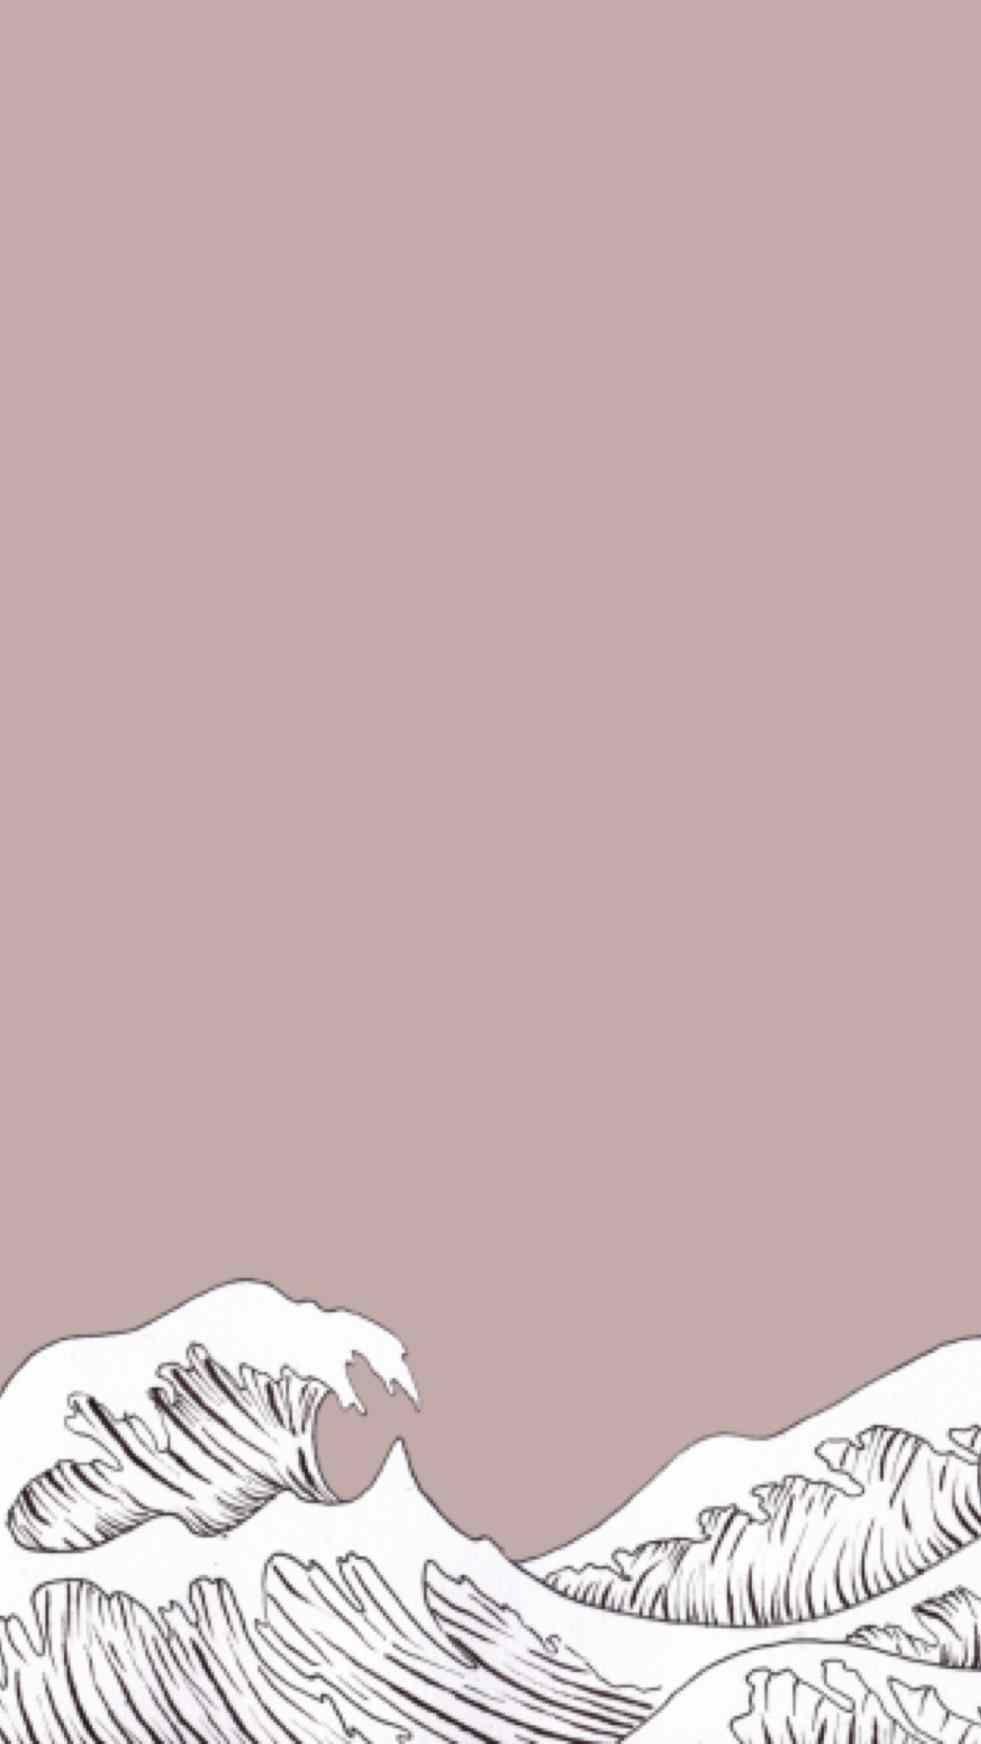 Unduh 48+ Wallpaper Tumblr Simple Foto Gratis